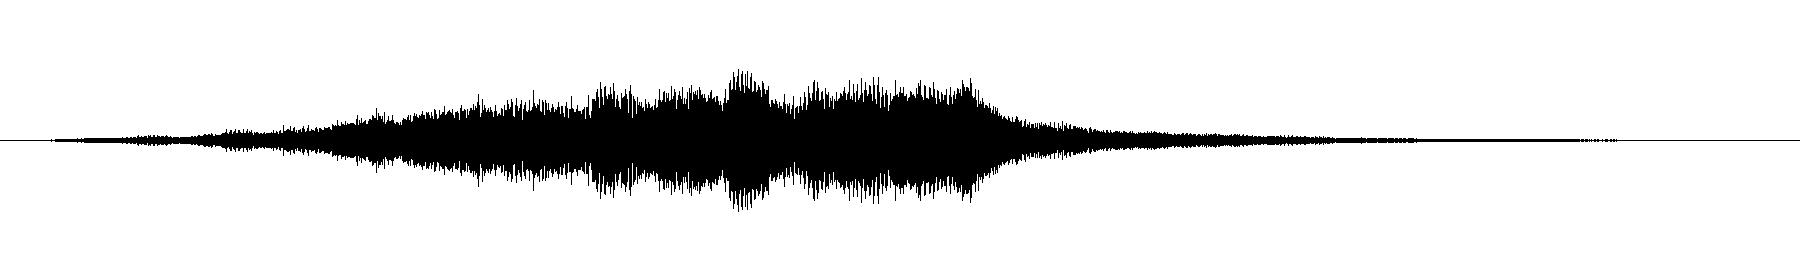 vfx1 atmos 73